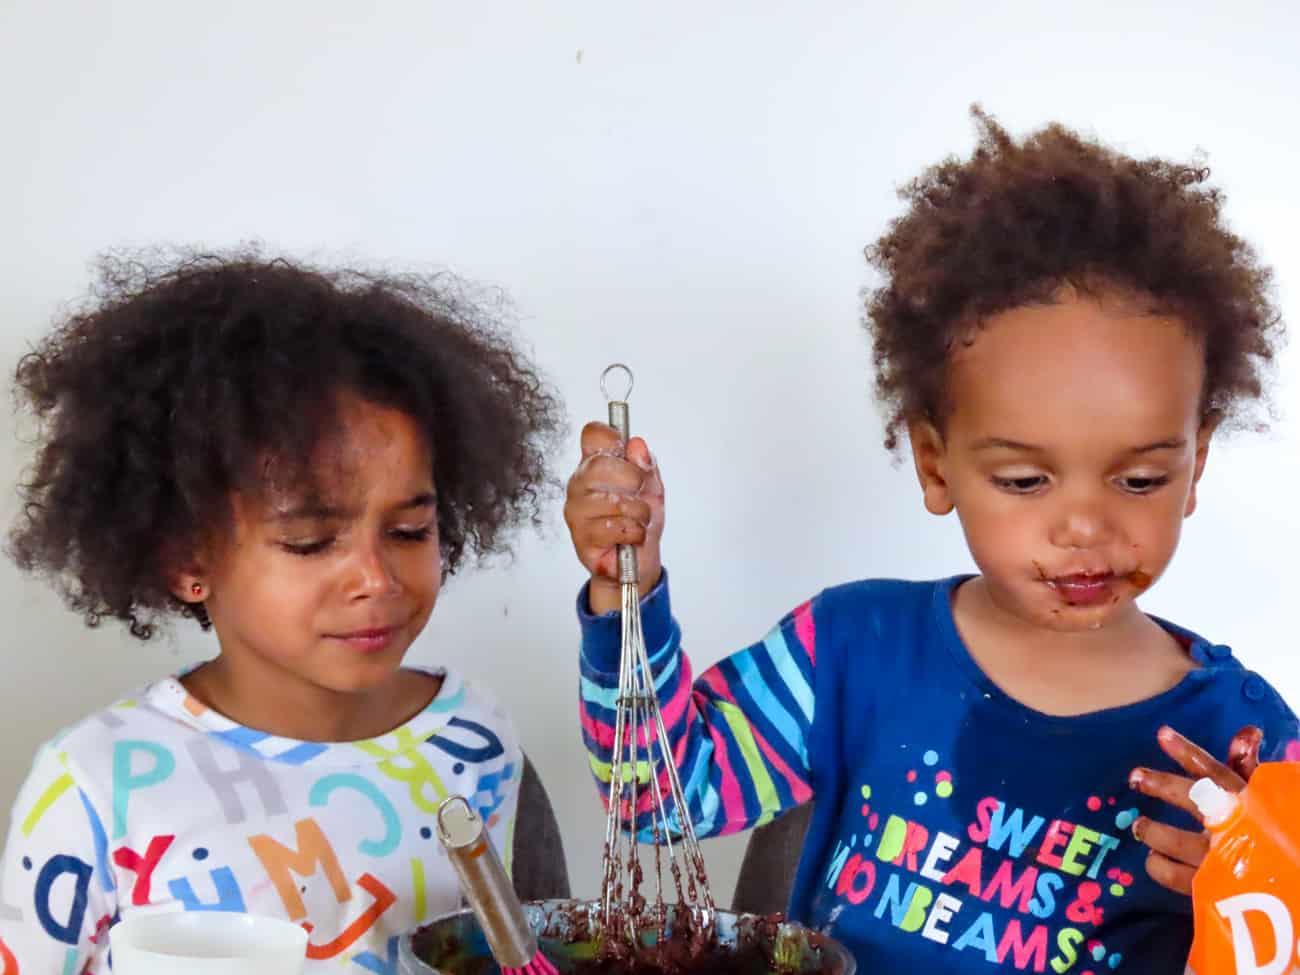 cuisiner-avec-enfants-recettes-44